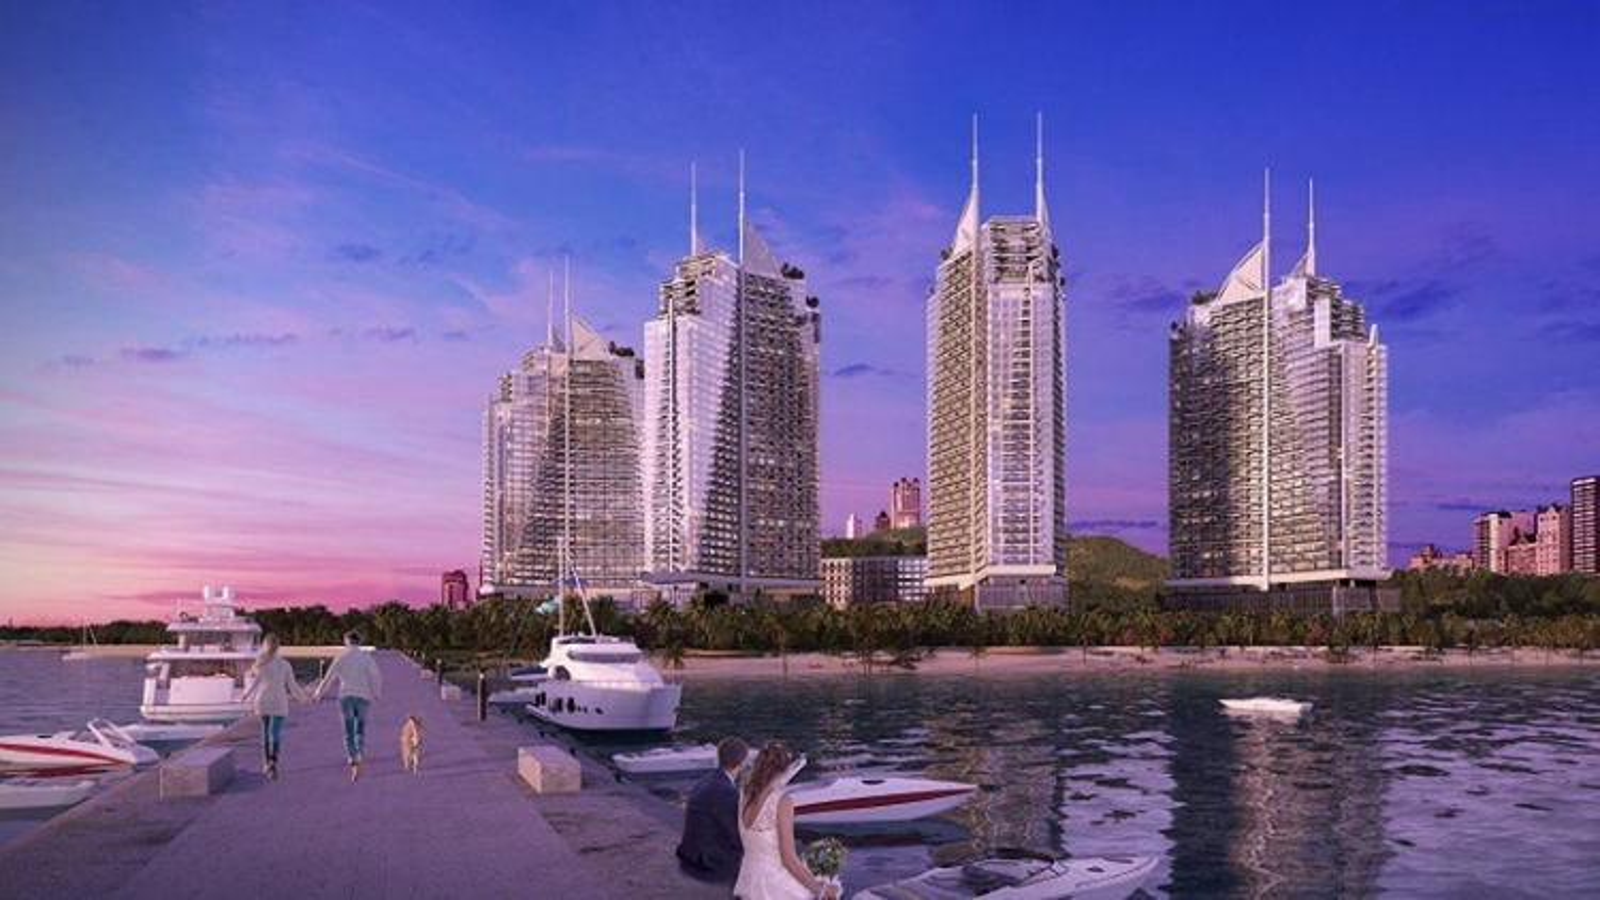 Tập đoàn Crystal Bay tài trợ quy hoạch đô thị và du lịch Ninh Thuận